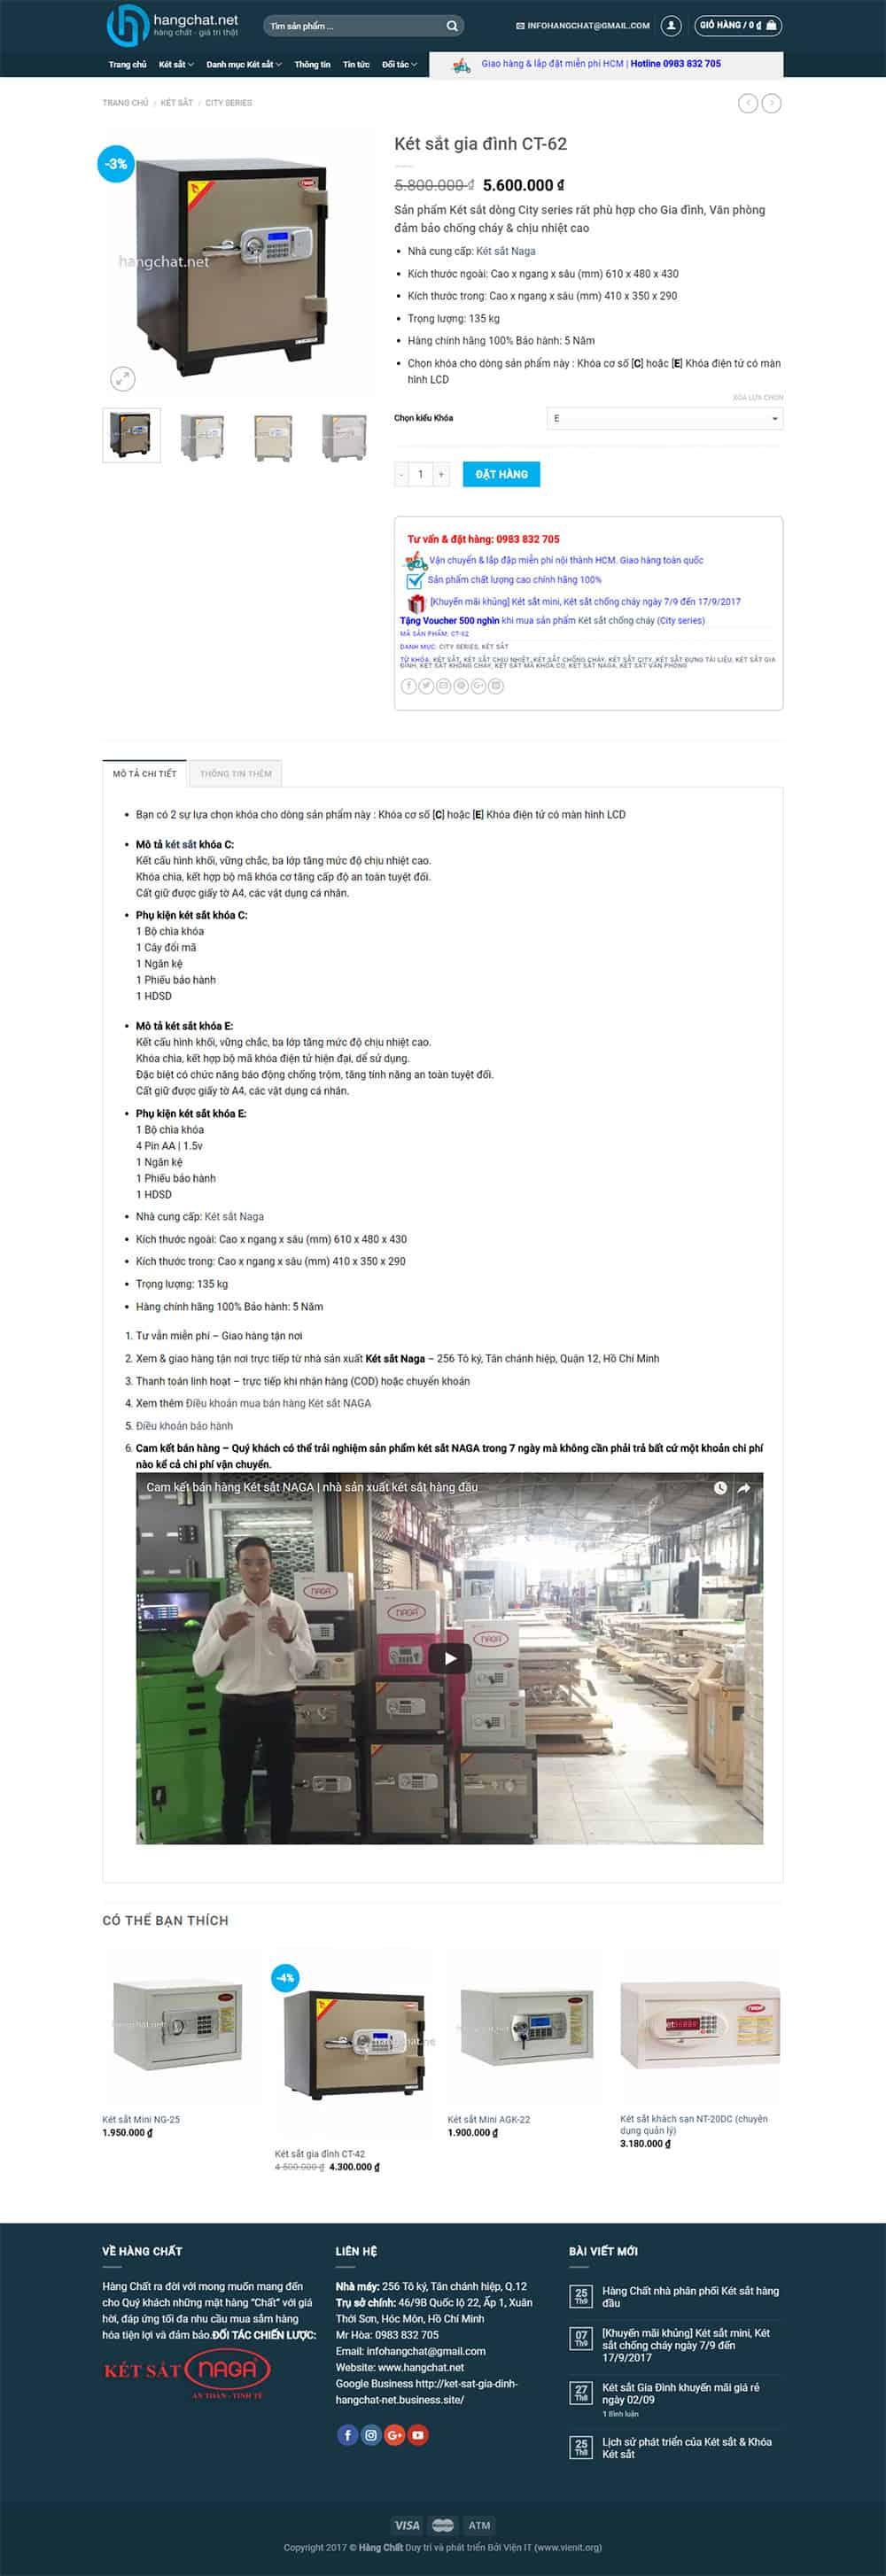 Giao diện của Trang Sản phẩm Thương mại điện tử  hangchat.net